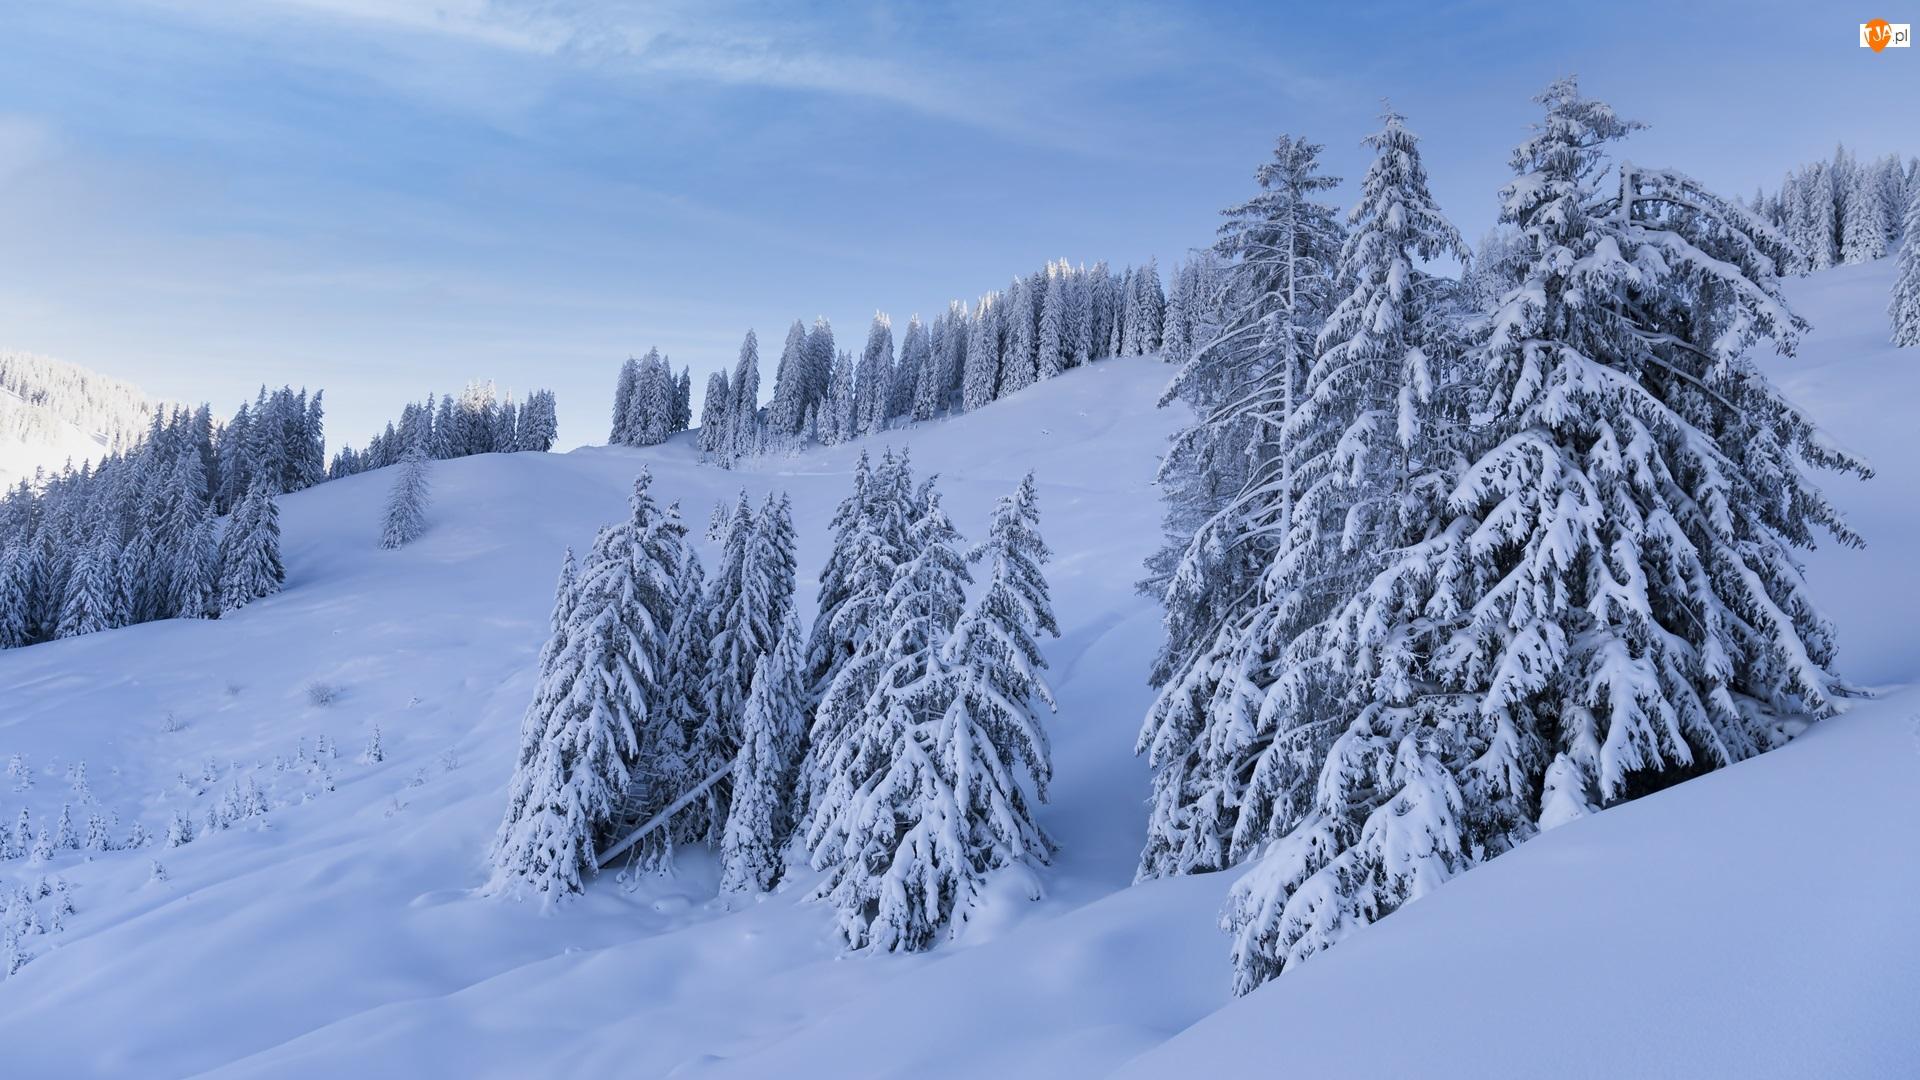 Zbocze, Drzewa, Góry, Zima, Ośnieżone